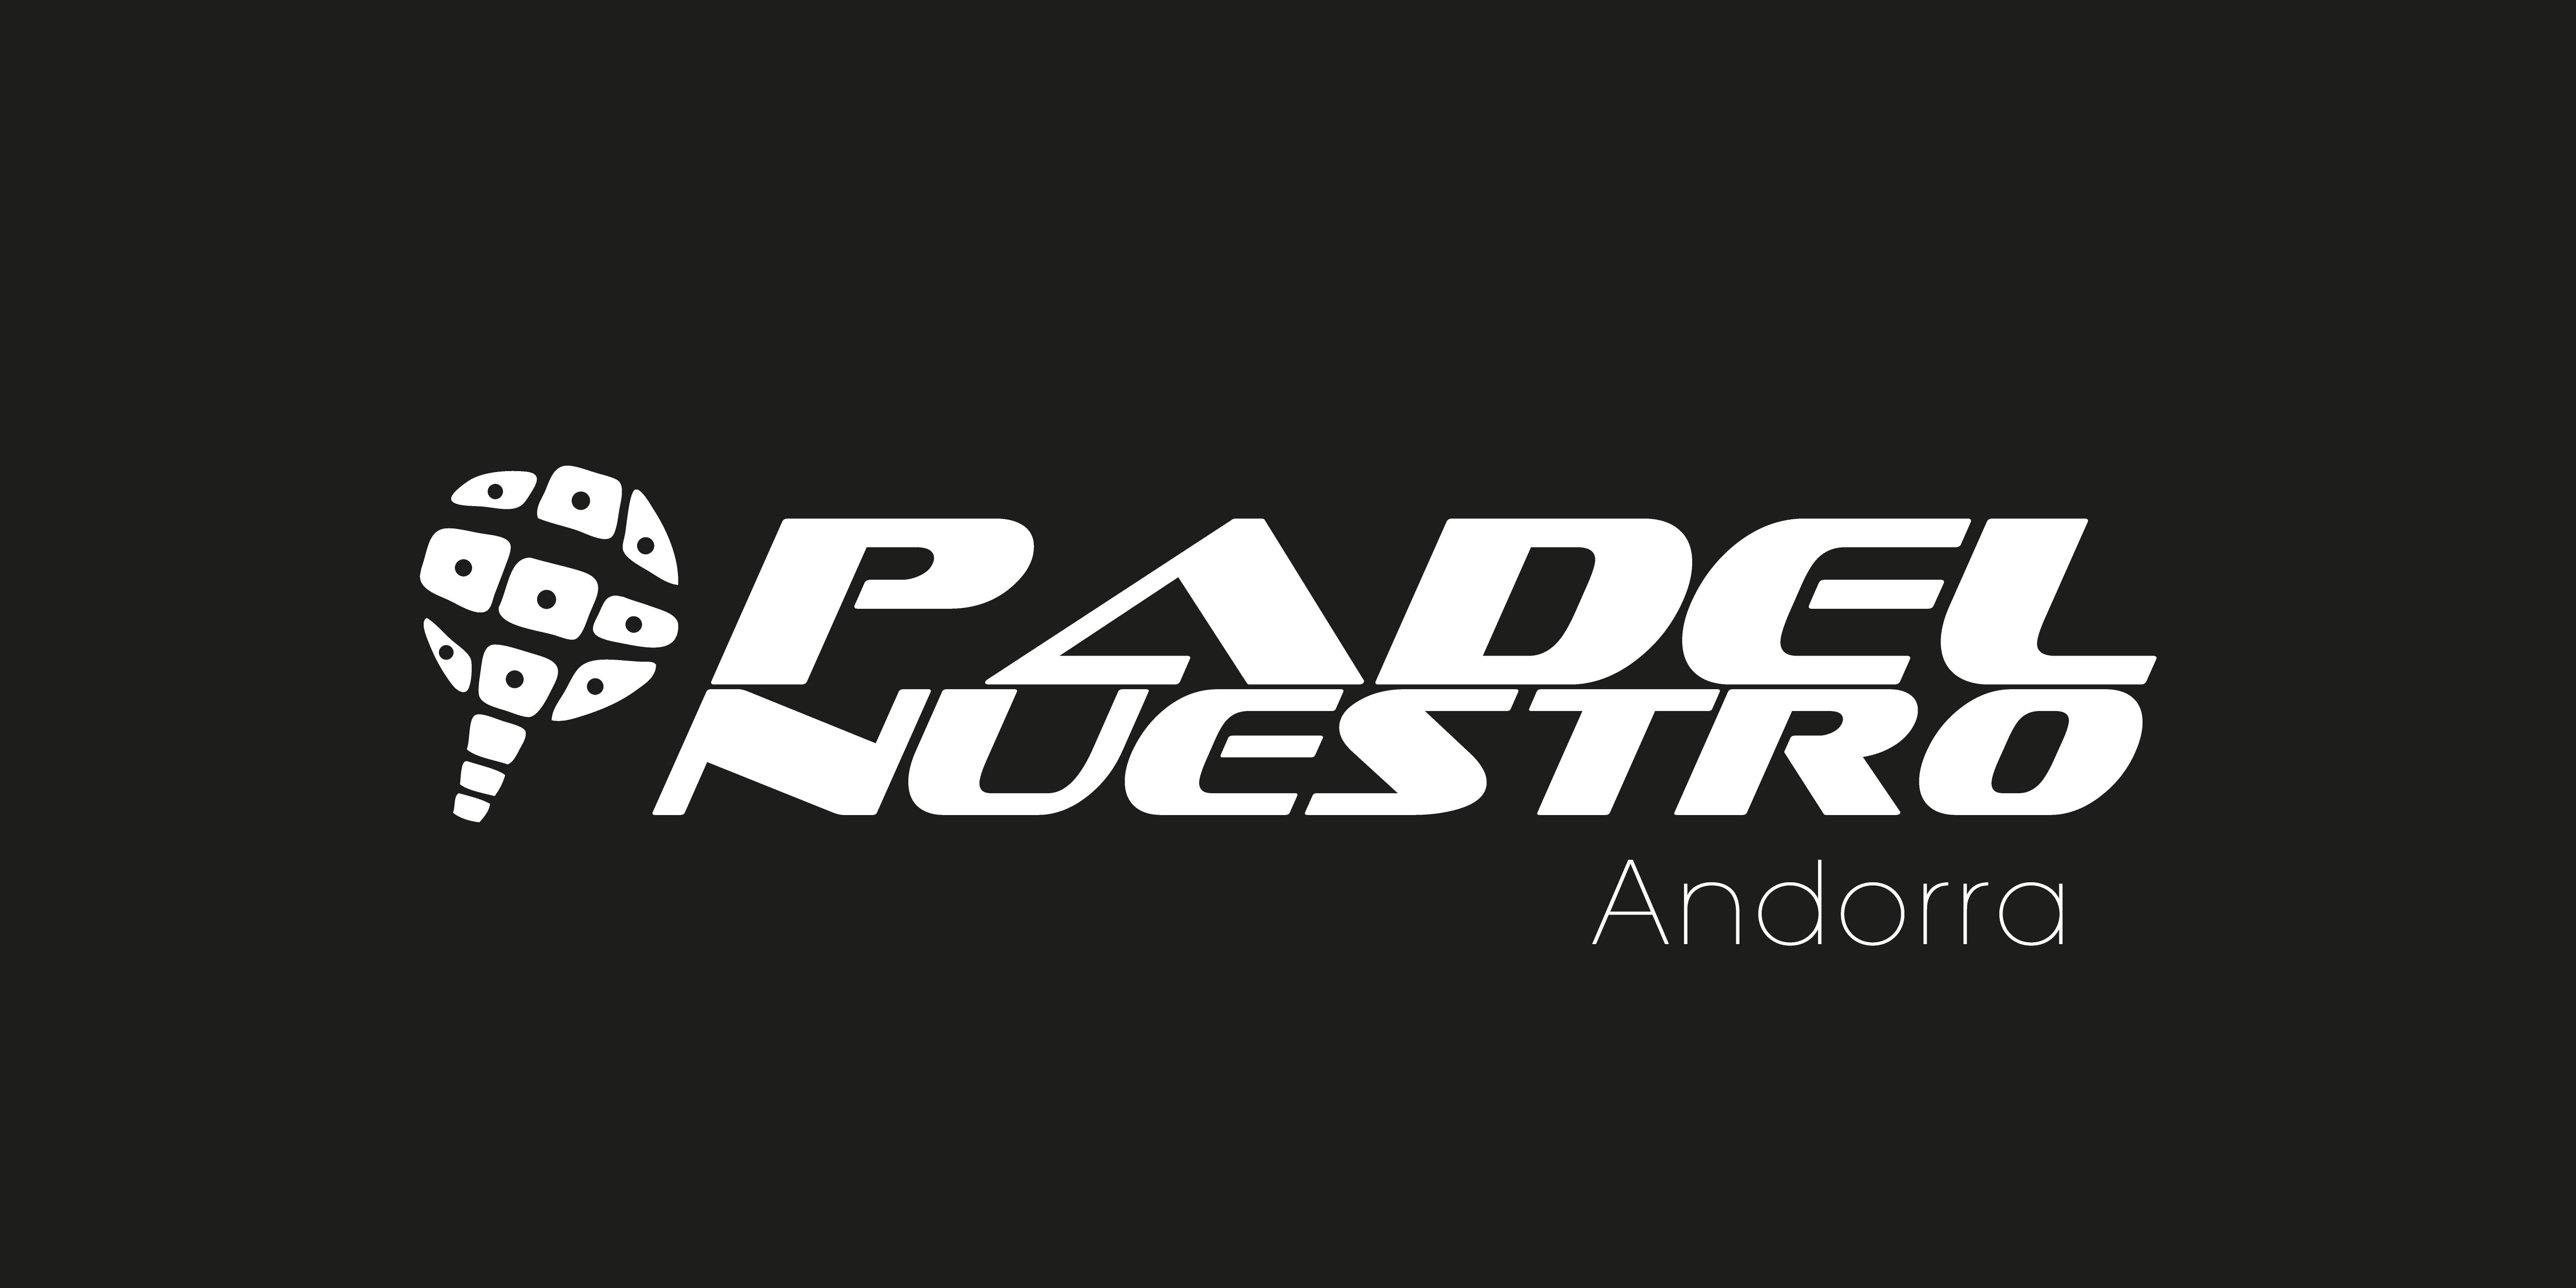 PADEL-NUESTRO(andorra)